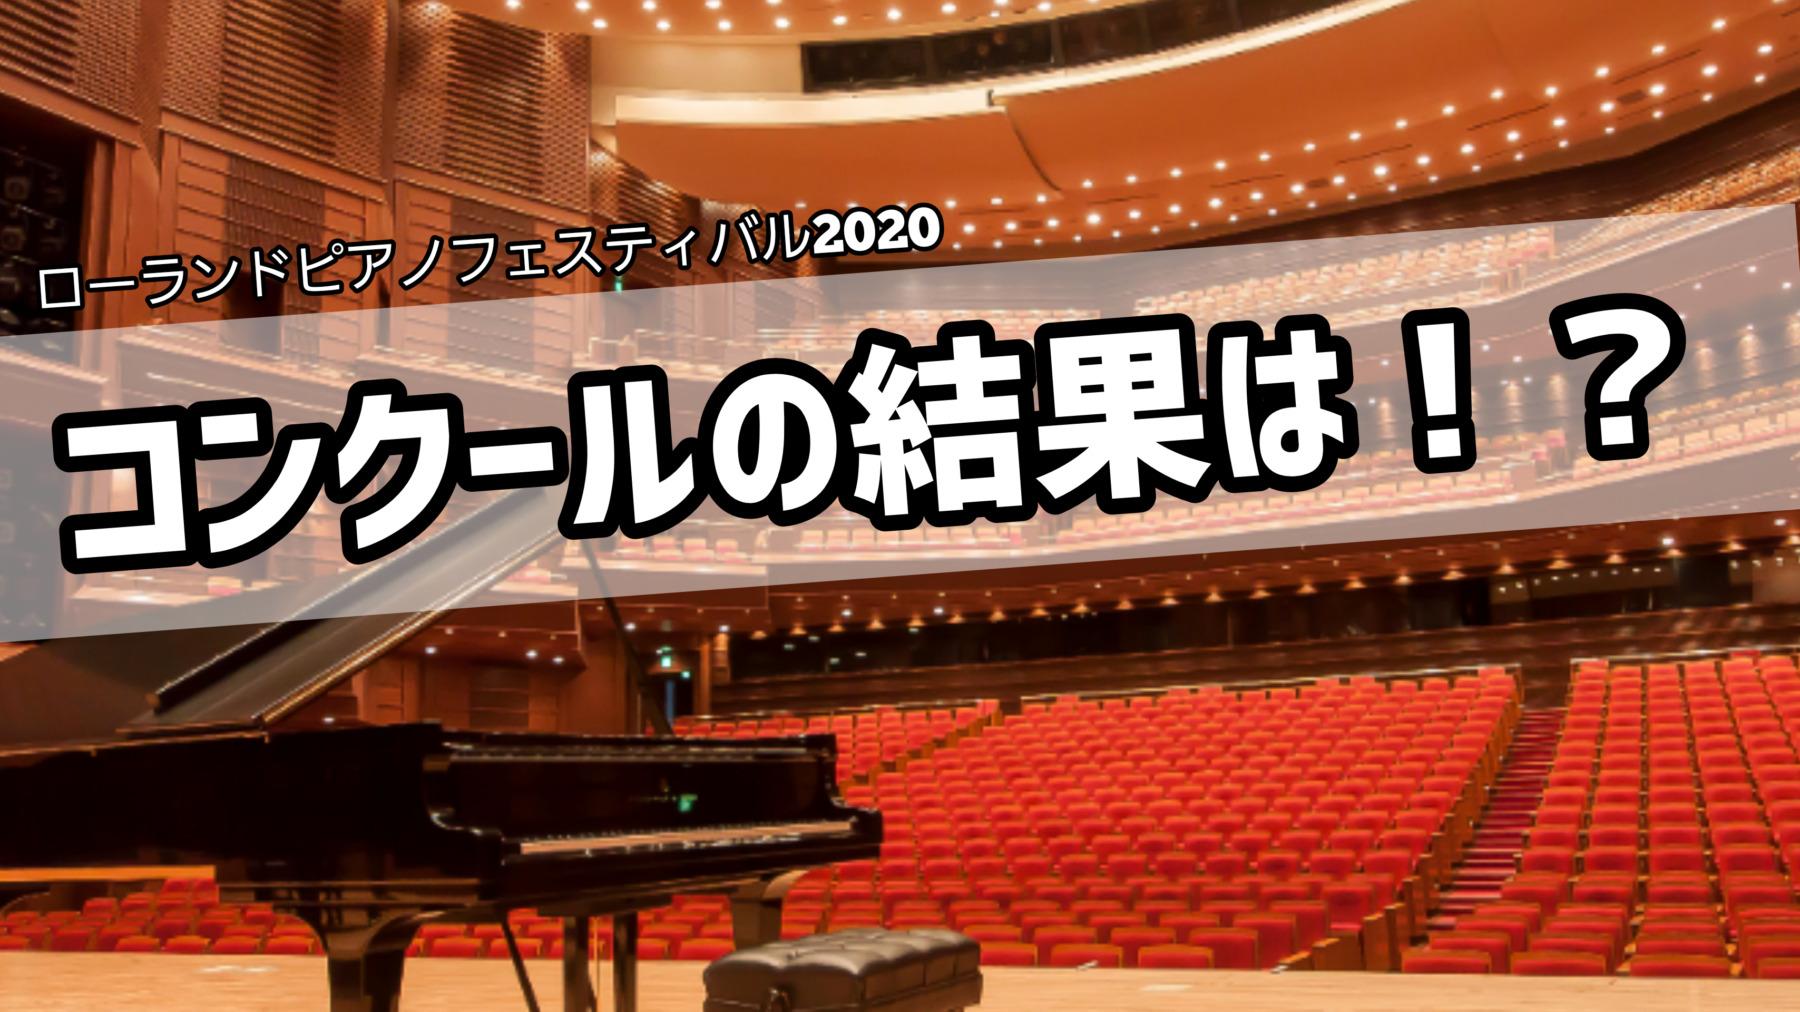 ピアノコンクールの結果は!?【2020ローランドピアノフェスティバル】